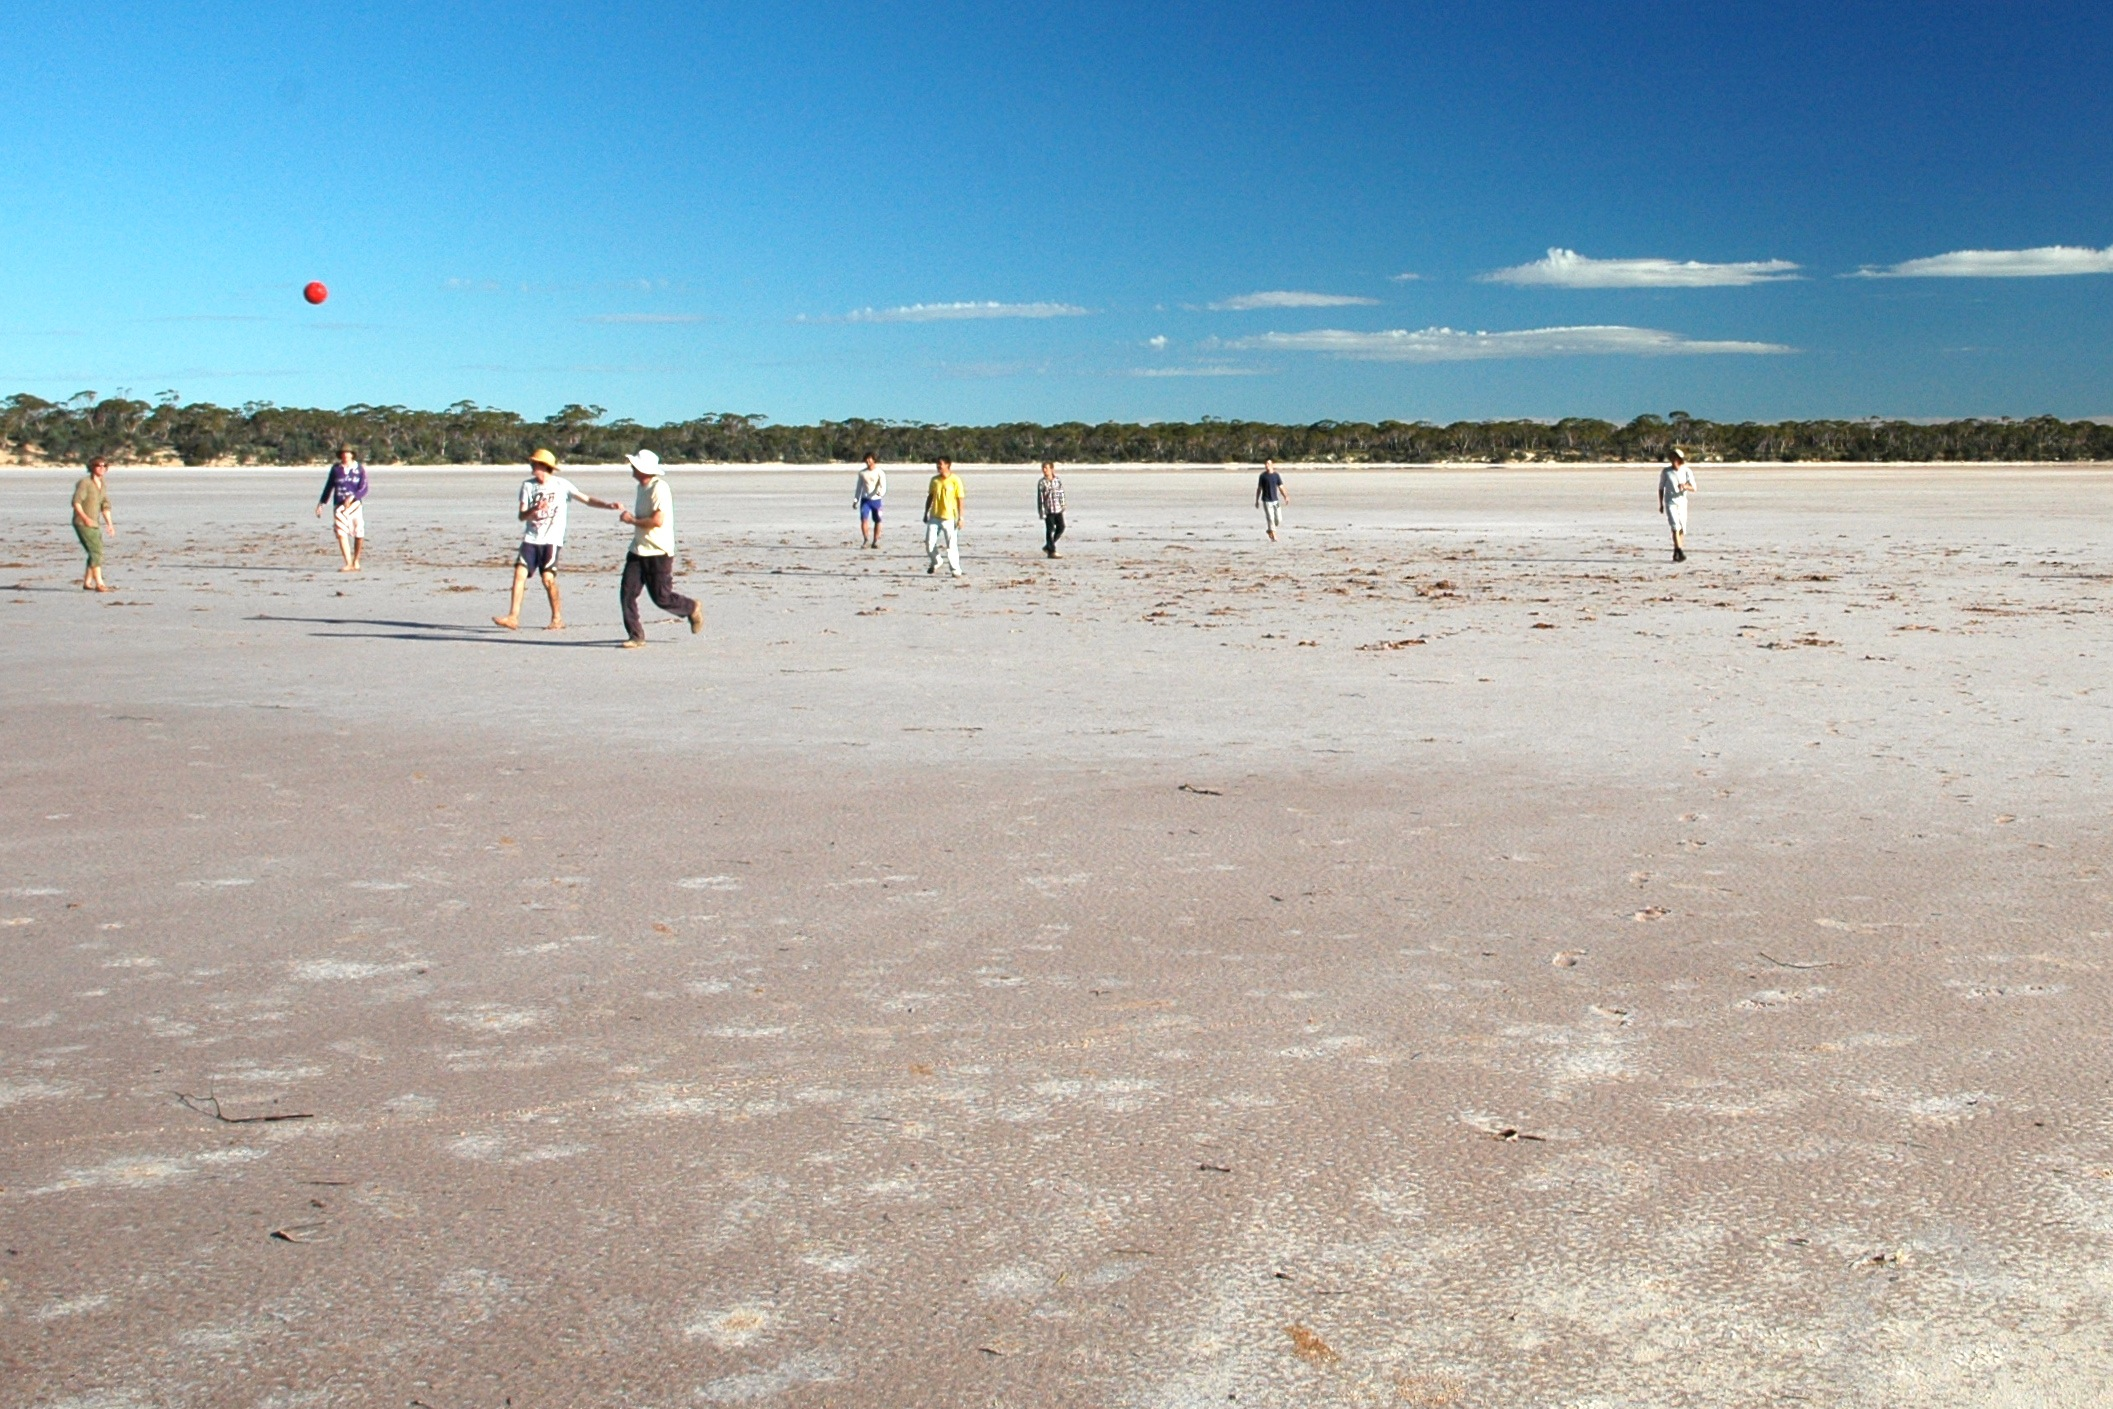 soccer on salt lake